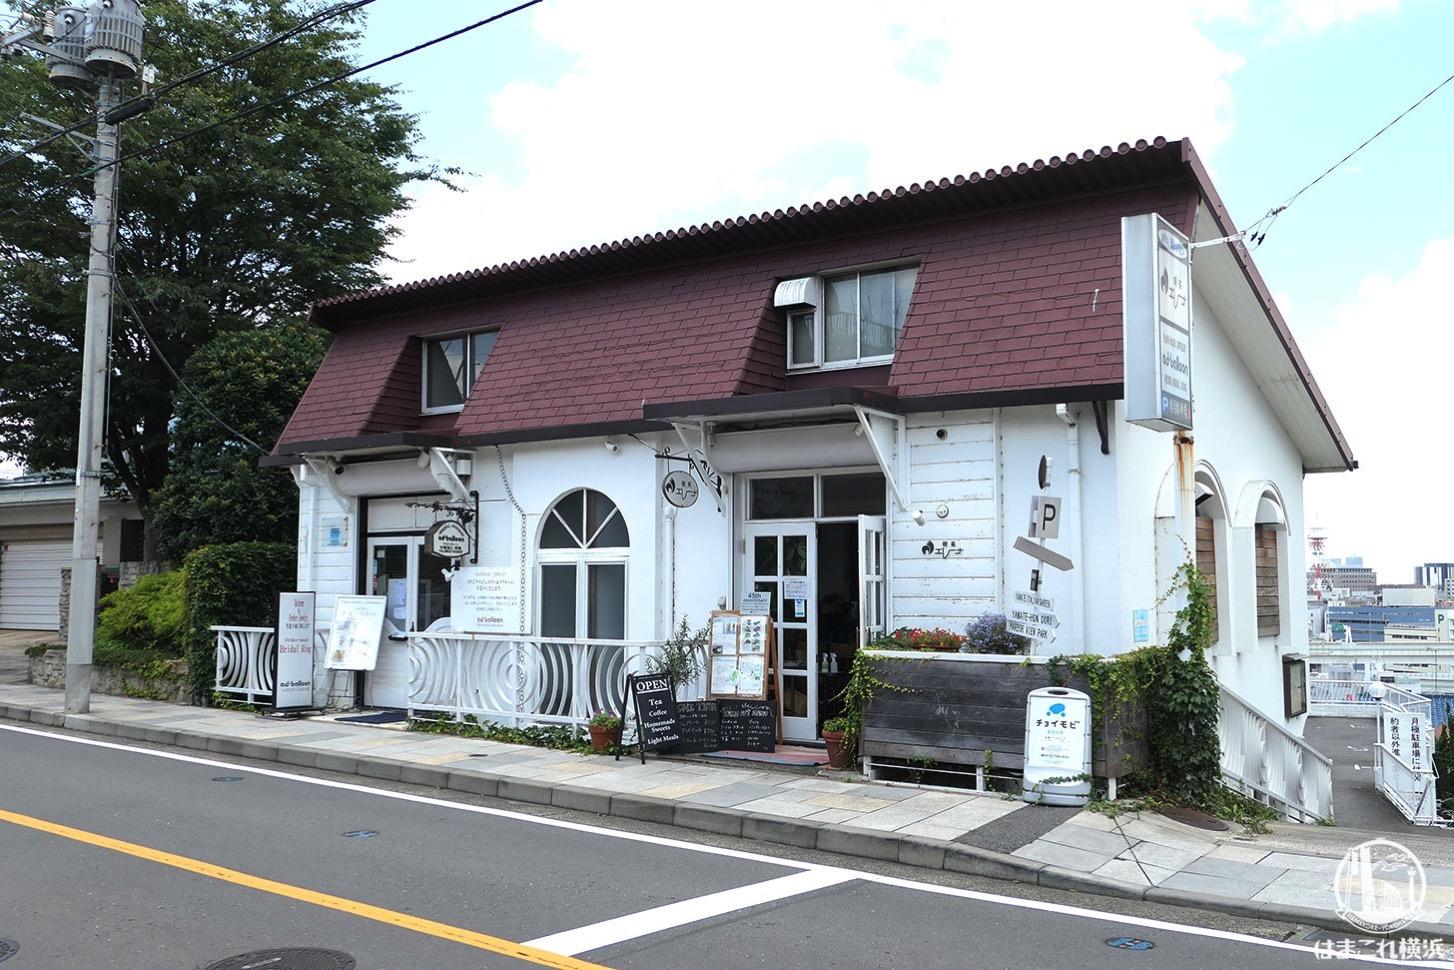 喫茶店「エレーナ」 外観